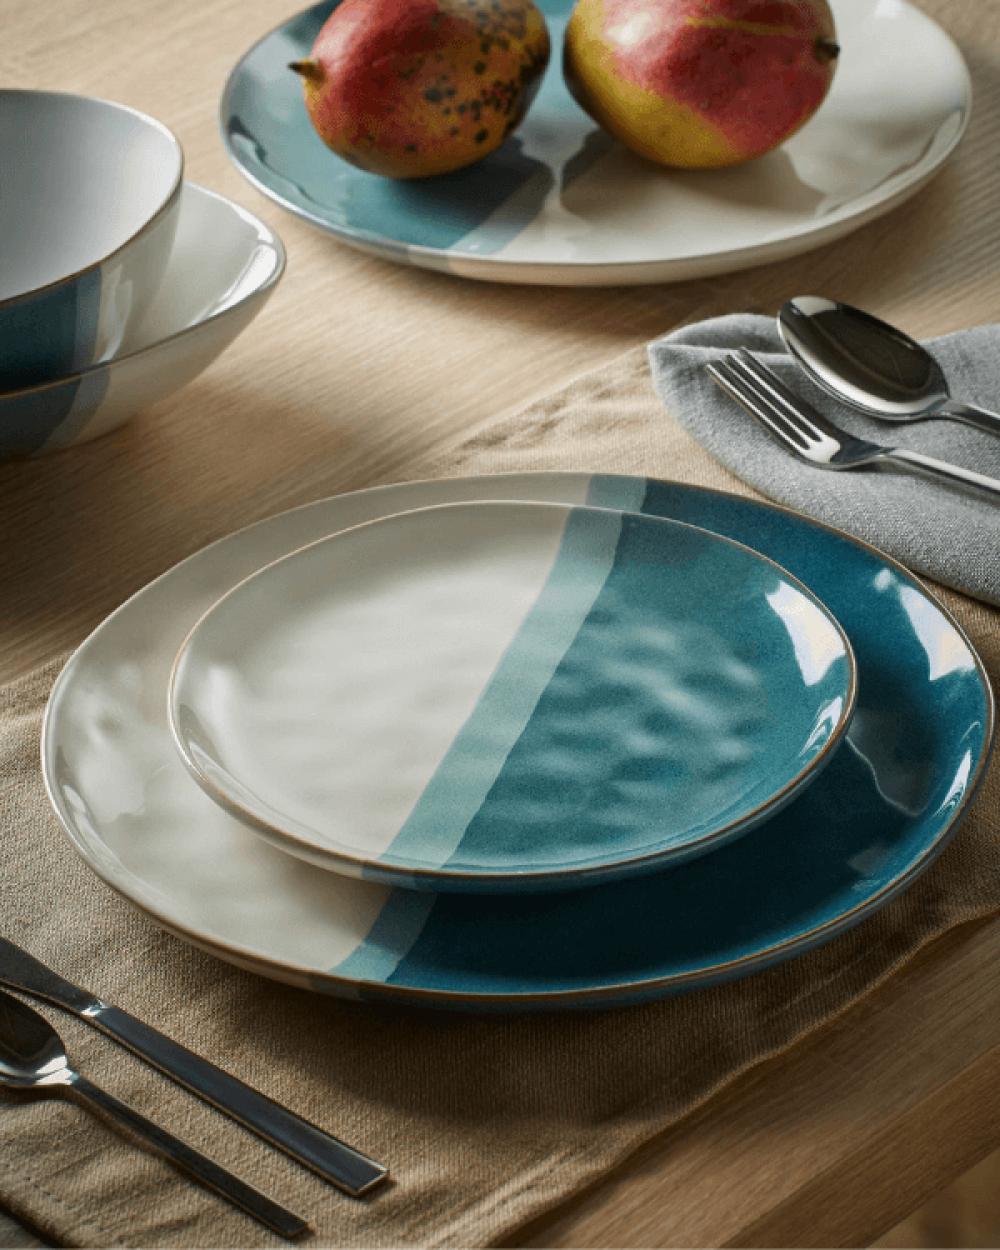 Artic, Dessert plate